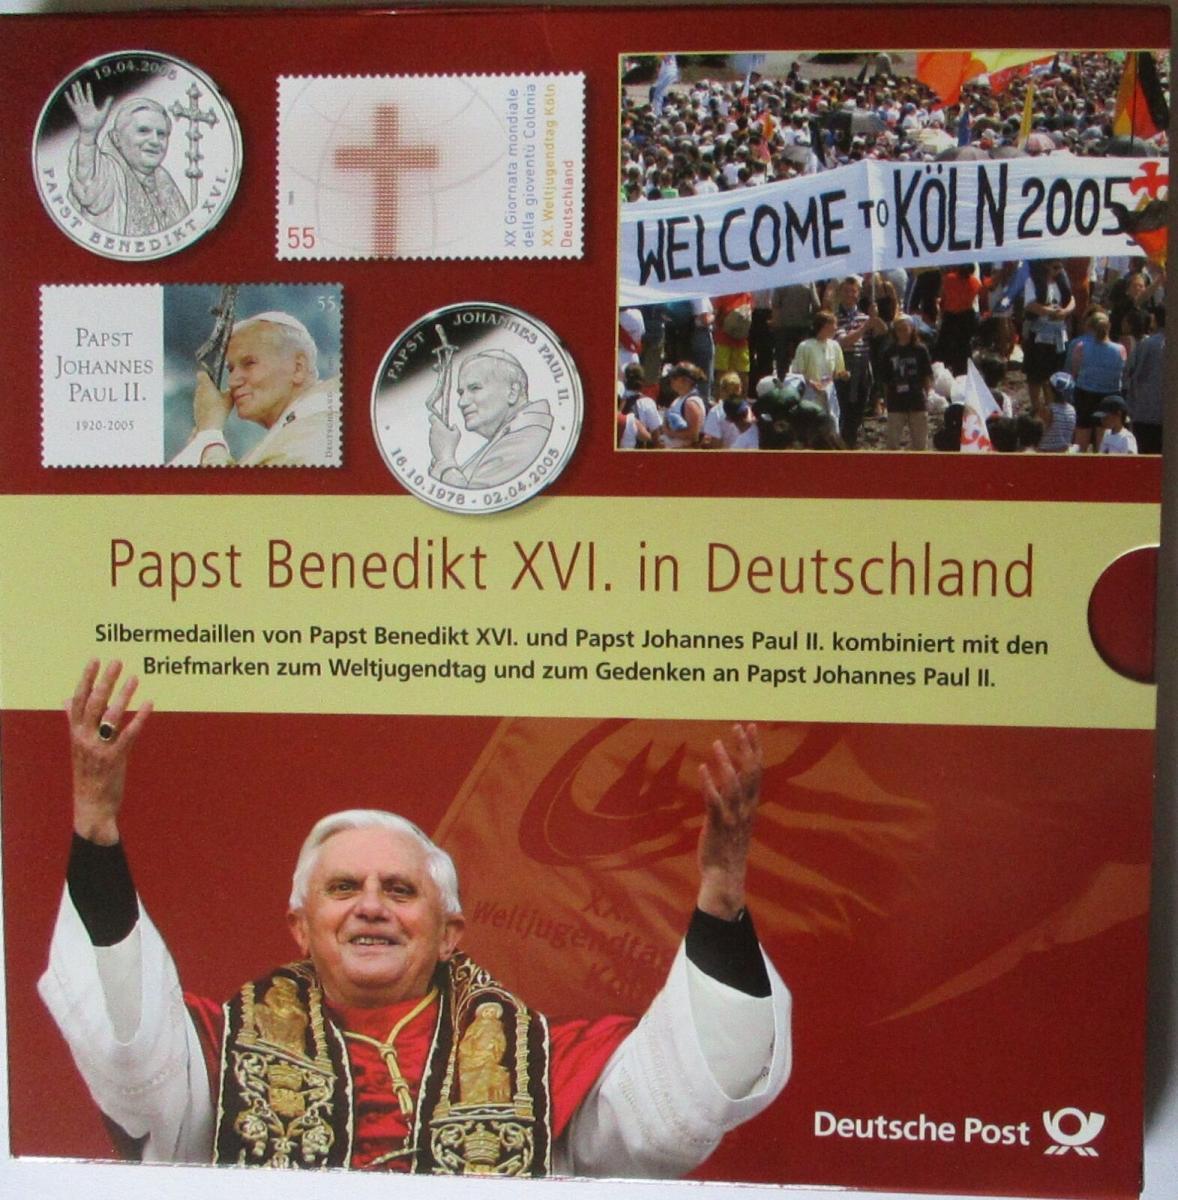 Papst Benedikt in Deutschland, 2 Silbermedaillen im Folder + Hülle 0